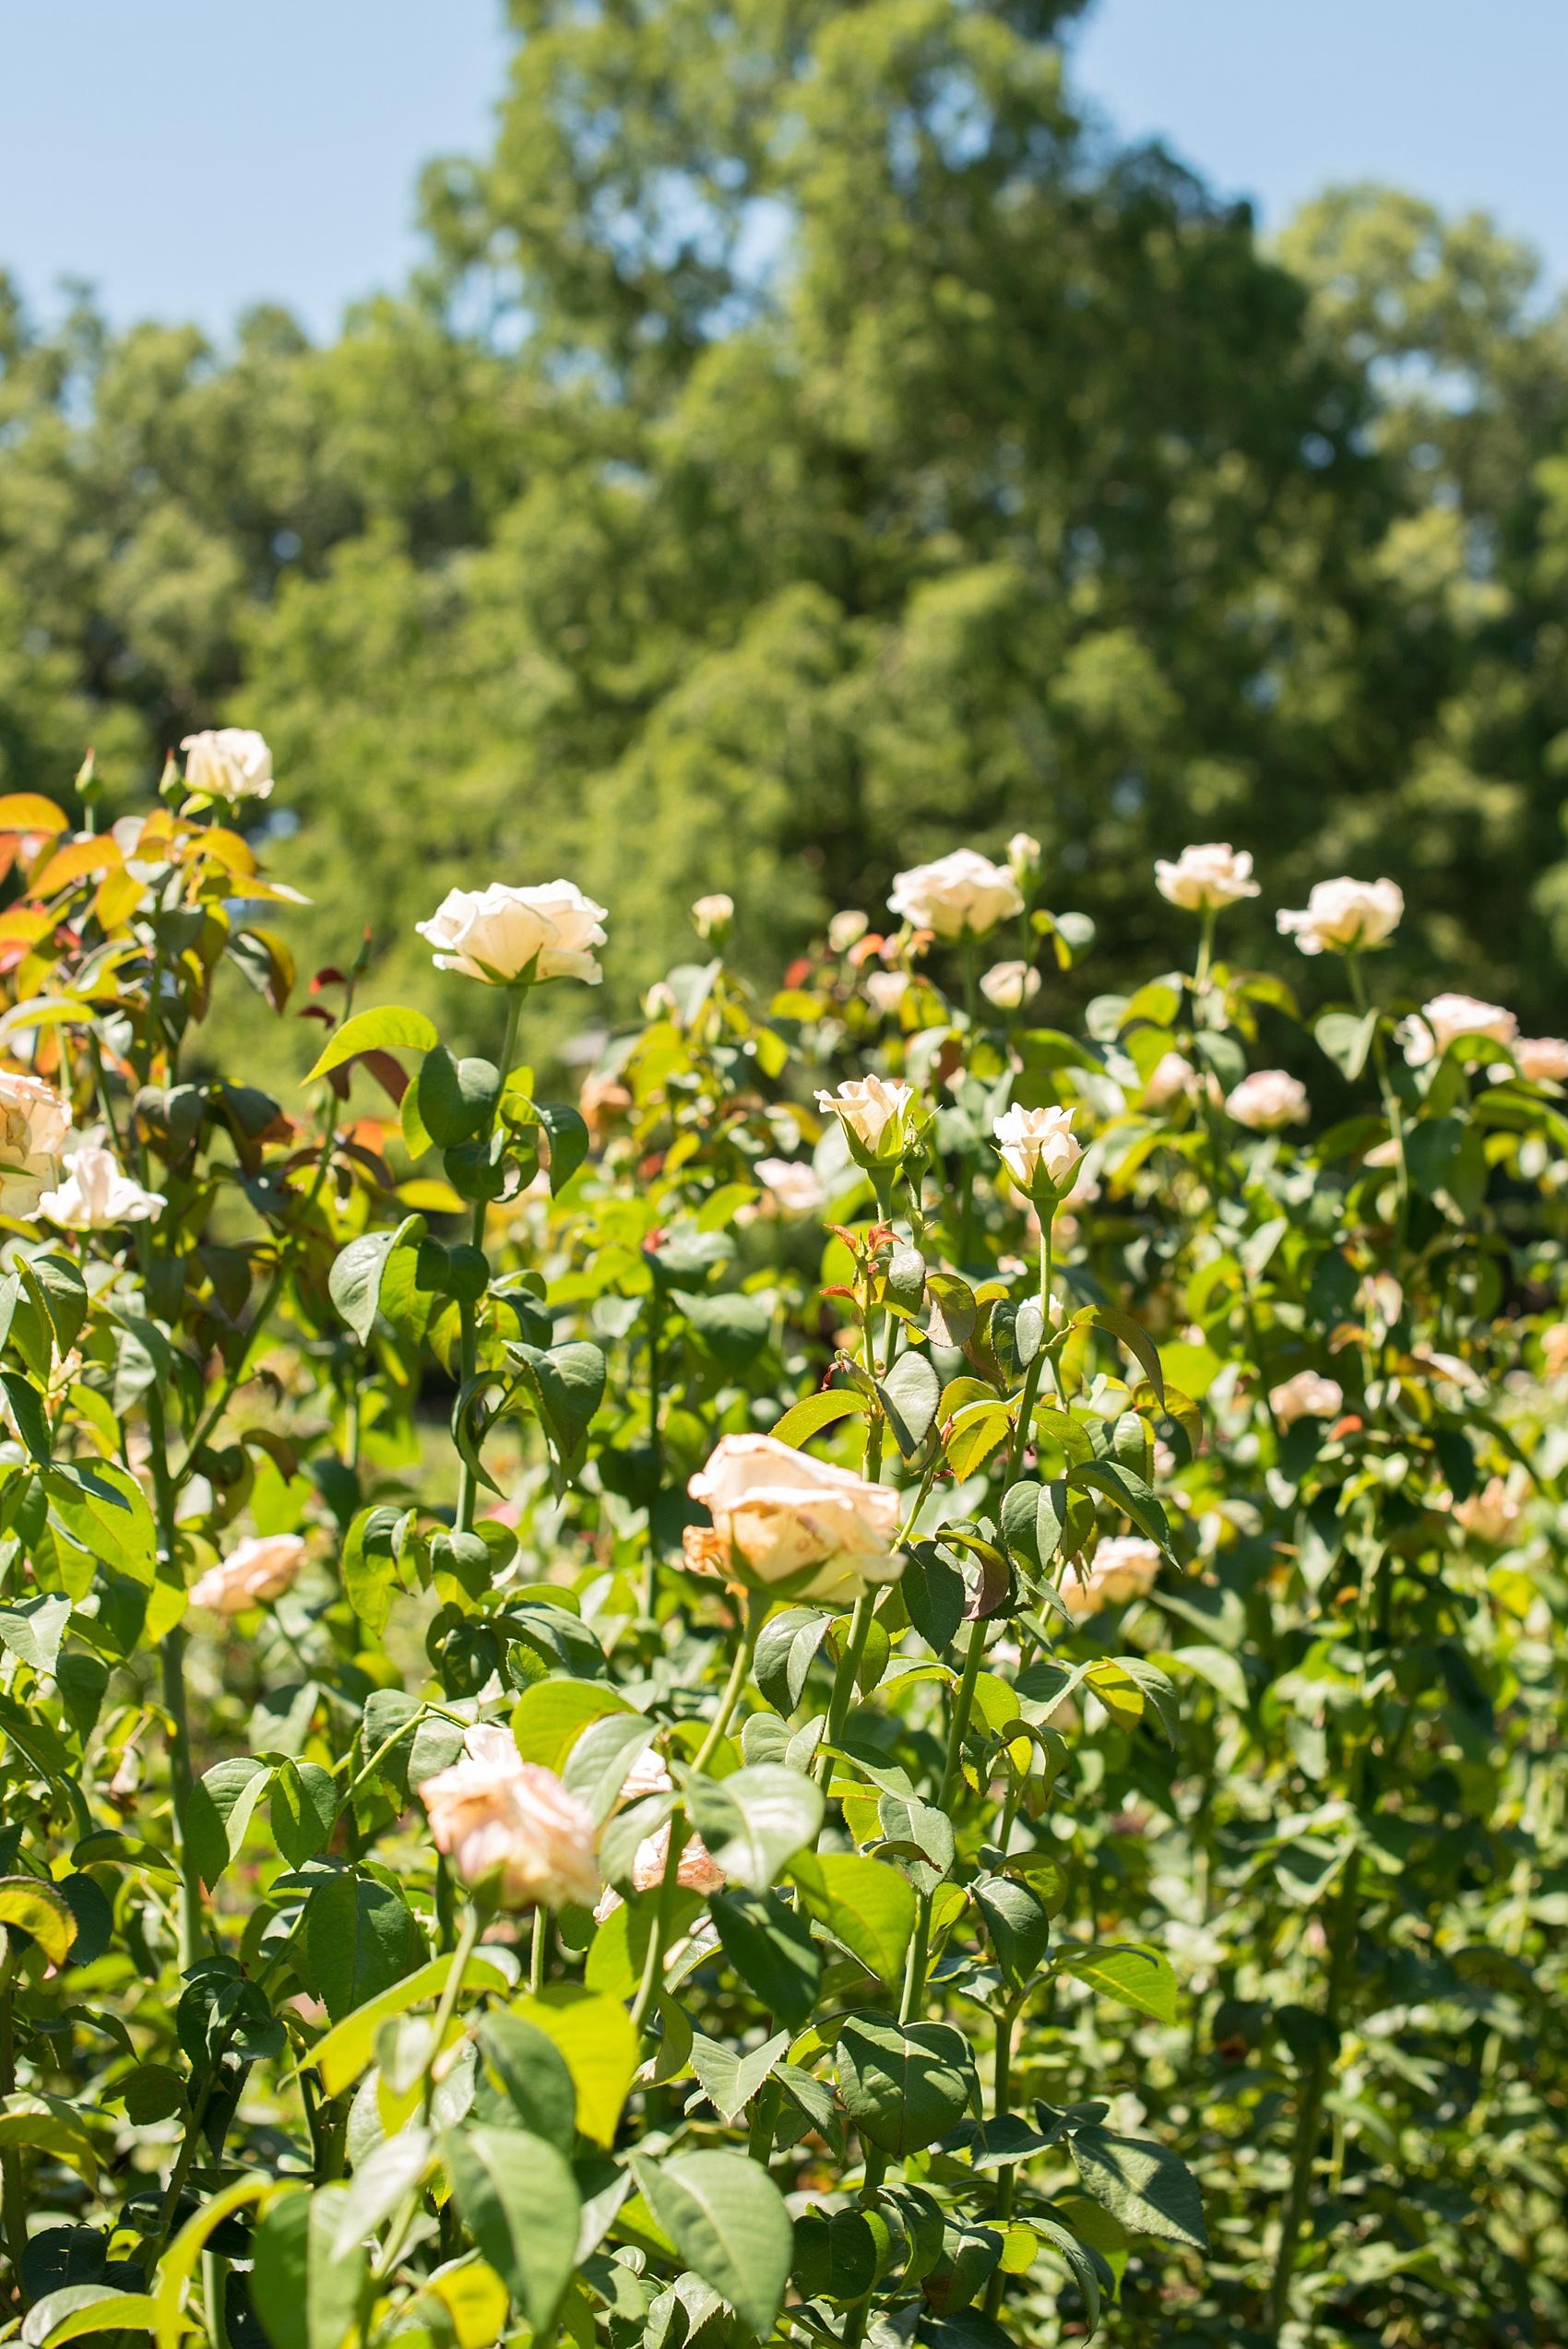 Roses In Garden: Raleigh Rose Garden Engagement Photos • Merrie + Ben